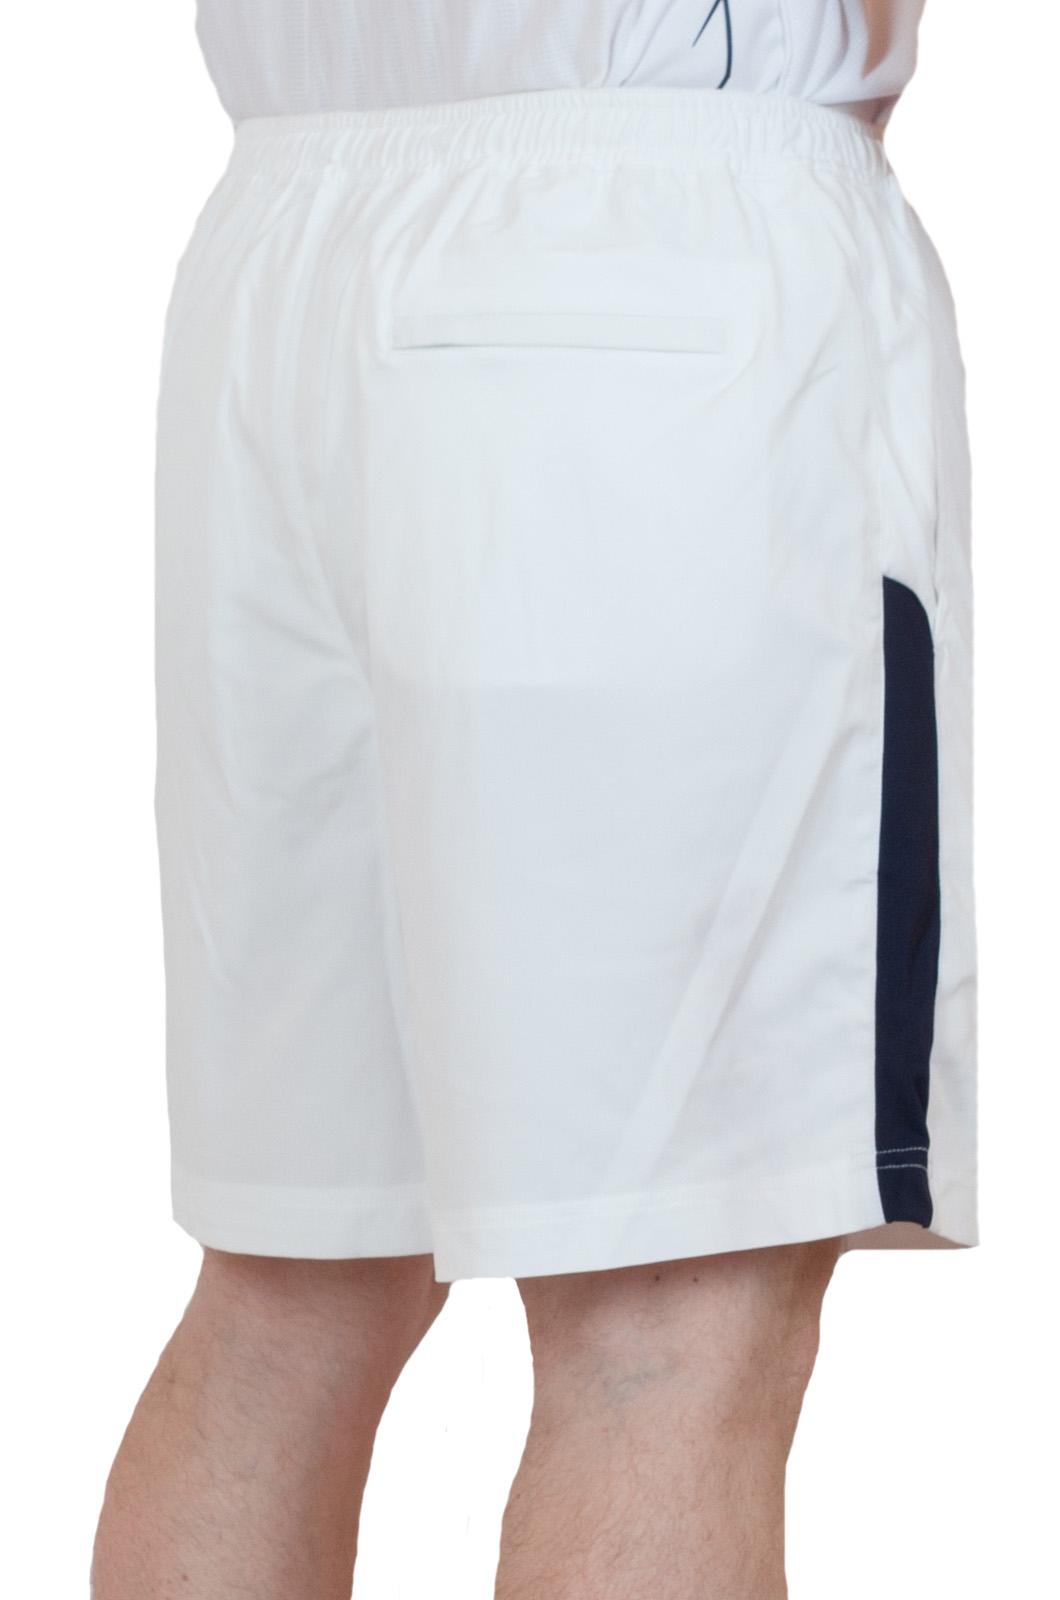 Белые теннисные шорты - вид сзади